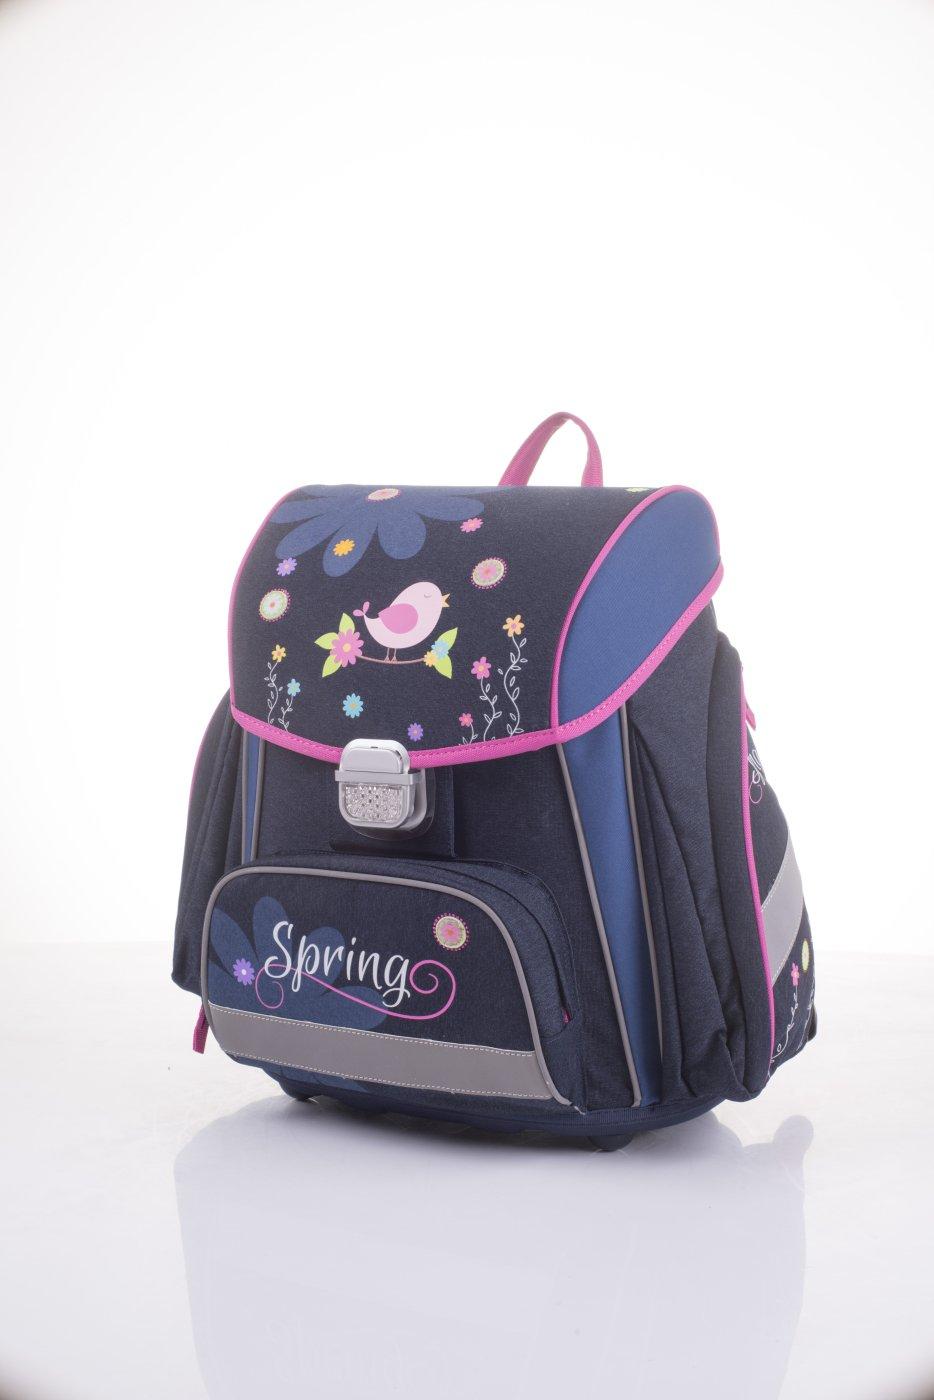 Školní batoh PREMIUM Spring - Školní potřeby » BATOHY A AKTOVKY ... 53d7566968